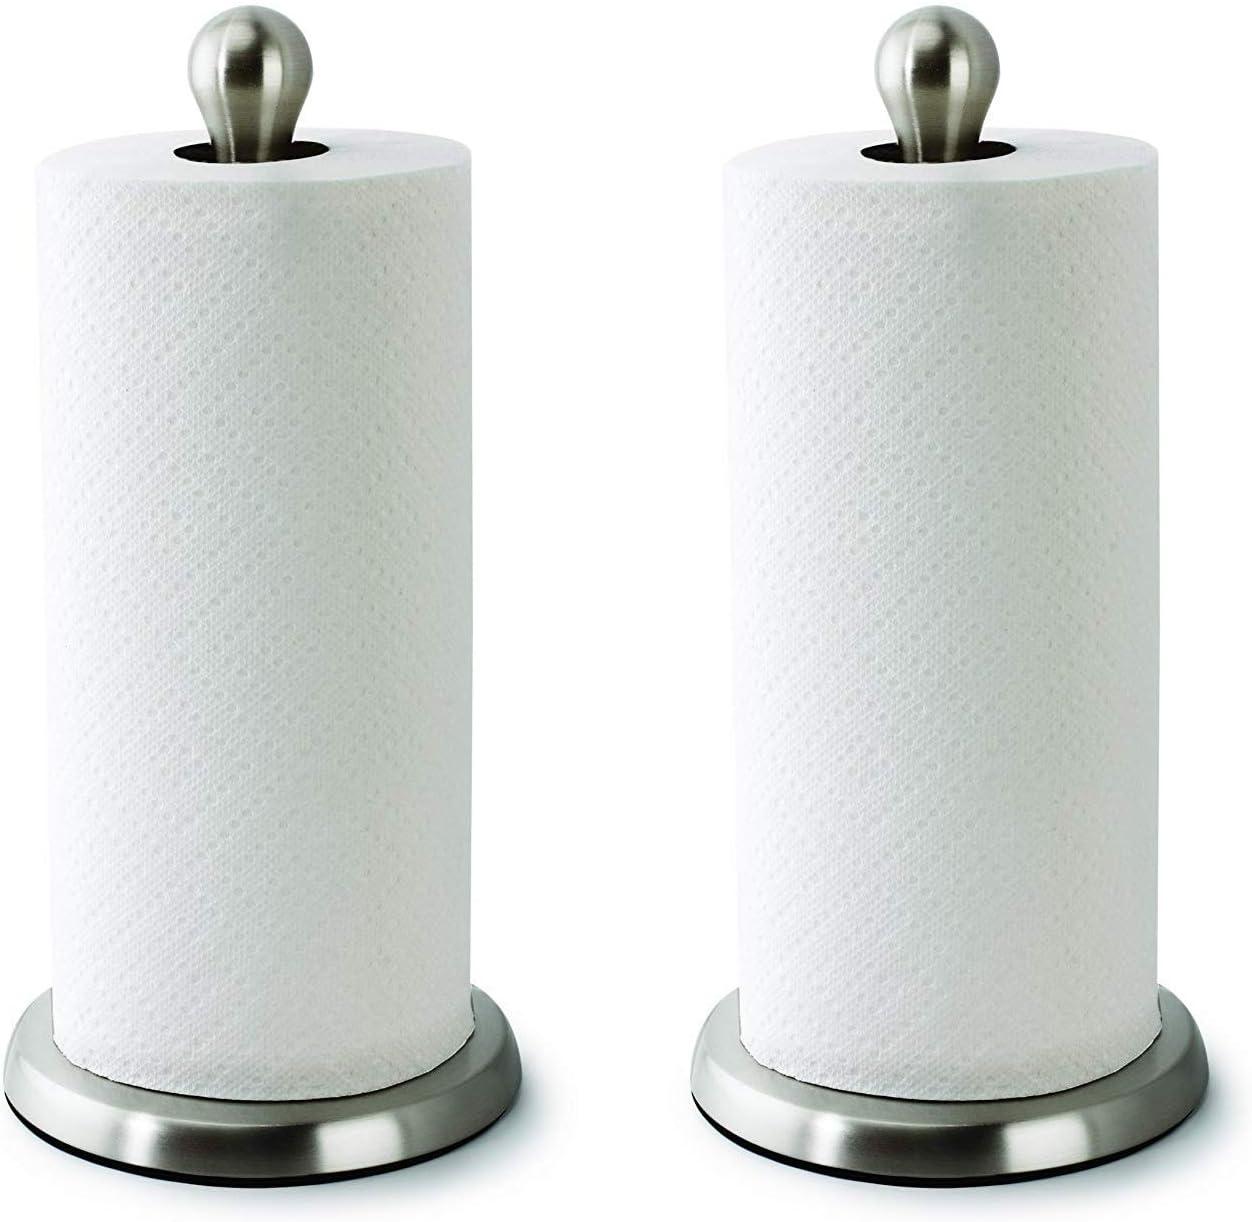 color blanco barra de toalla de madera SUNSKYOO Soporte de papel montado en la pared dispensador de metal autoadhesivo para rollo de cocina